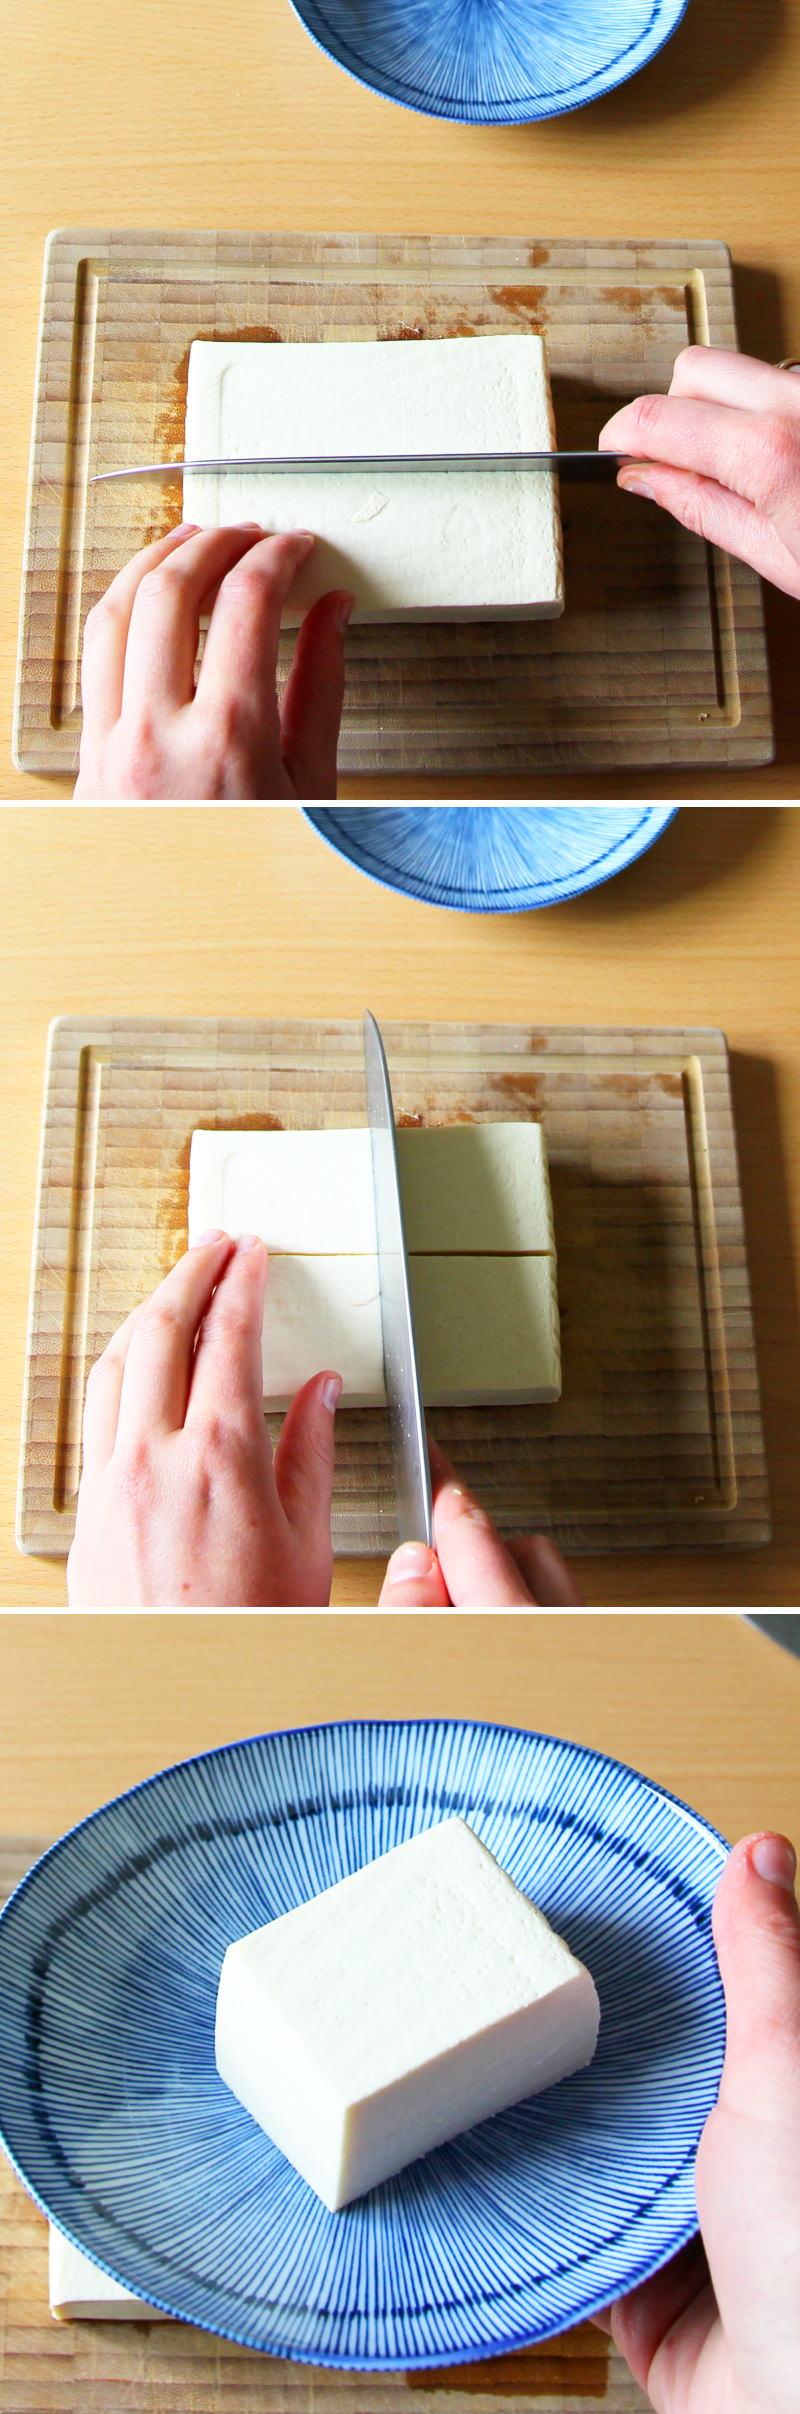 Hiyayakko Schritt 5 Tofu schneiden